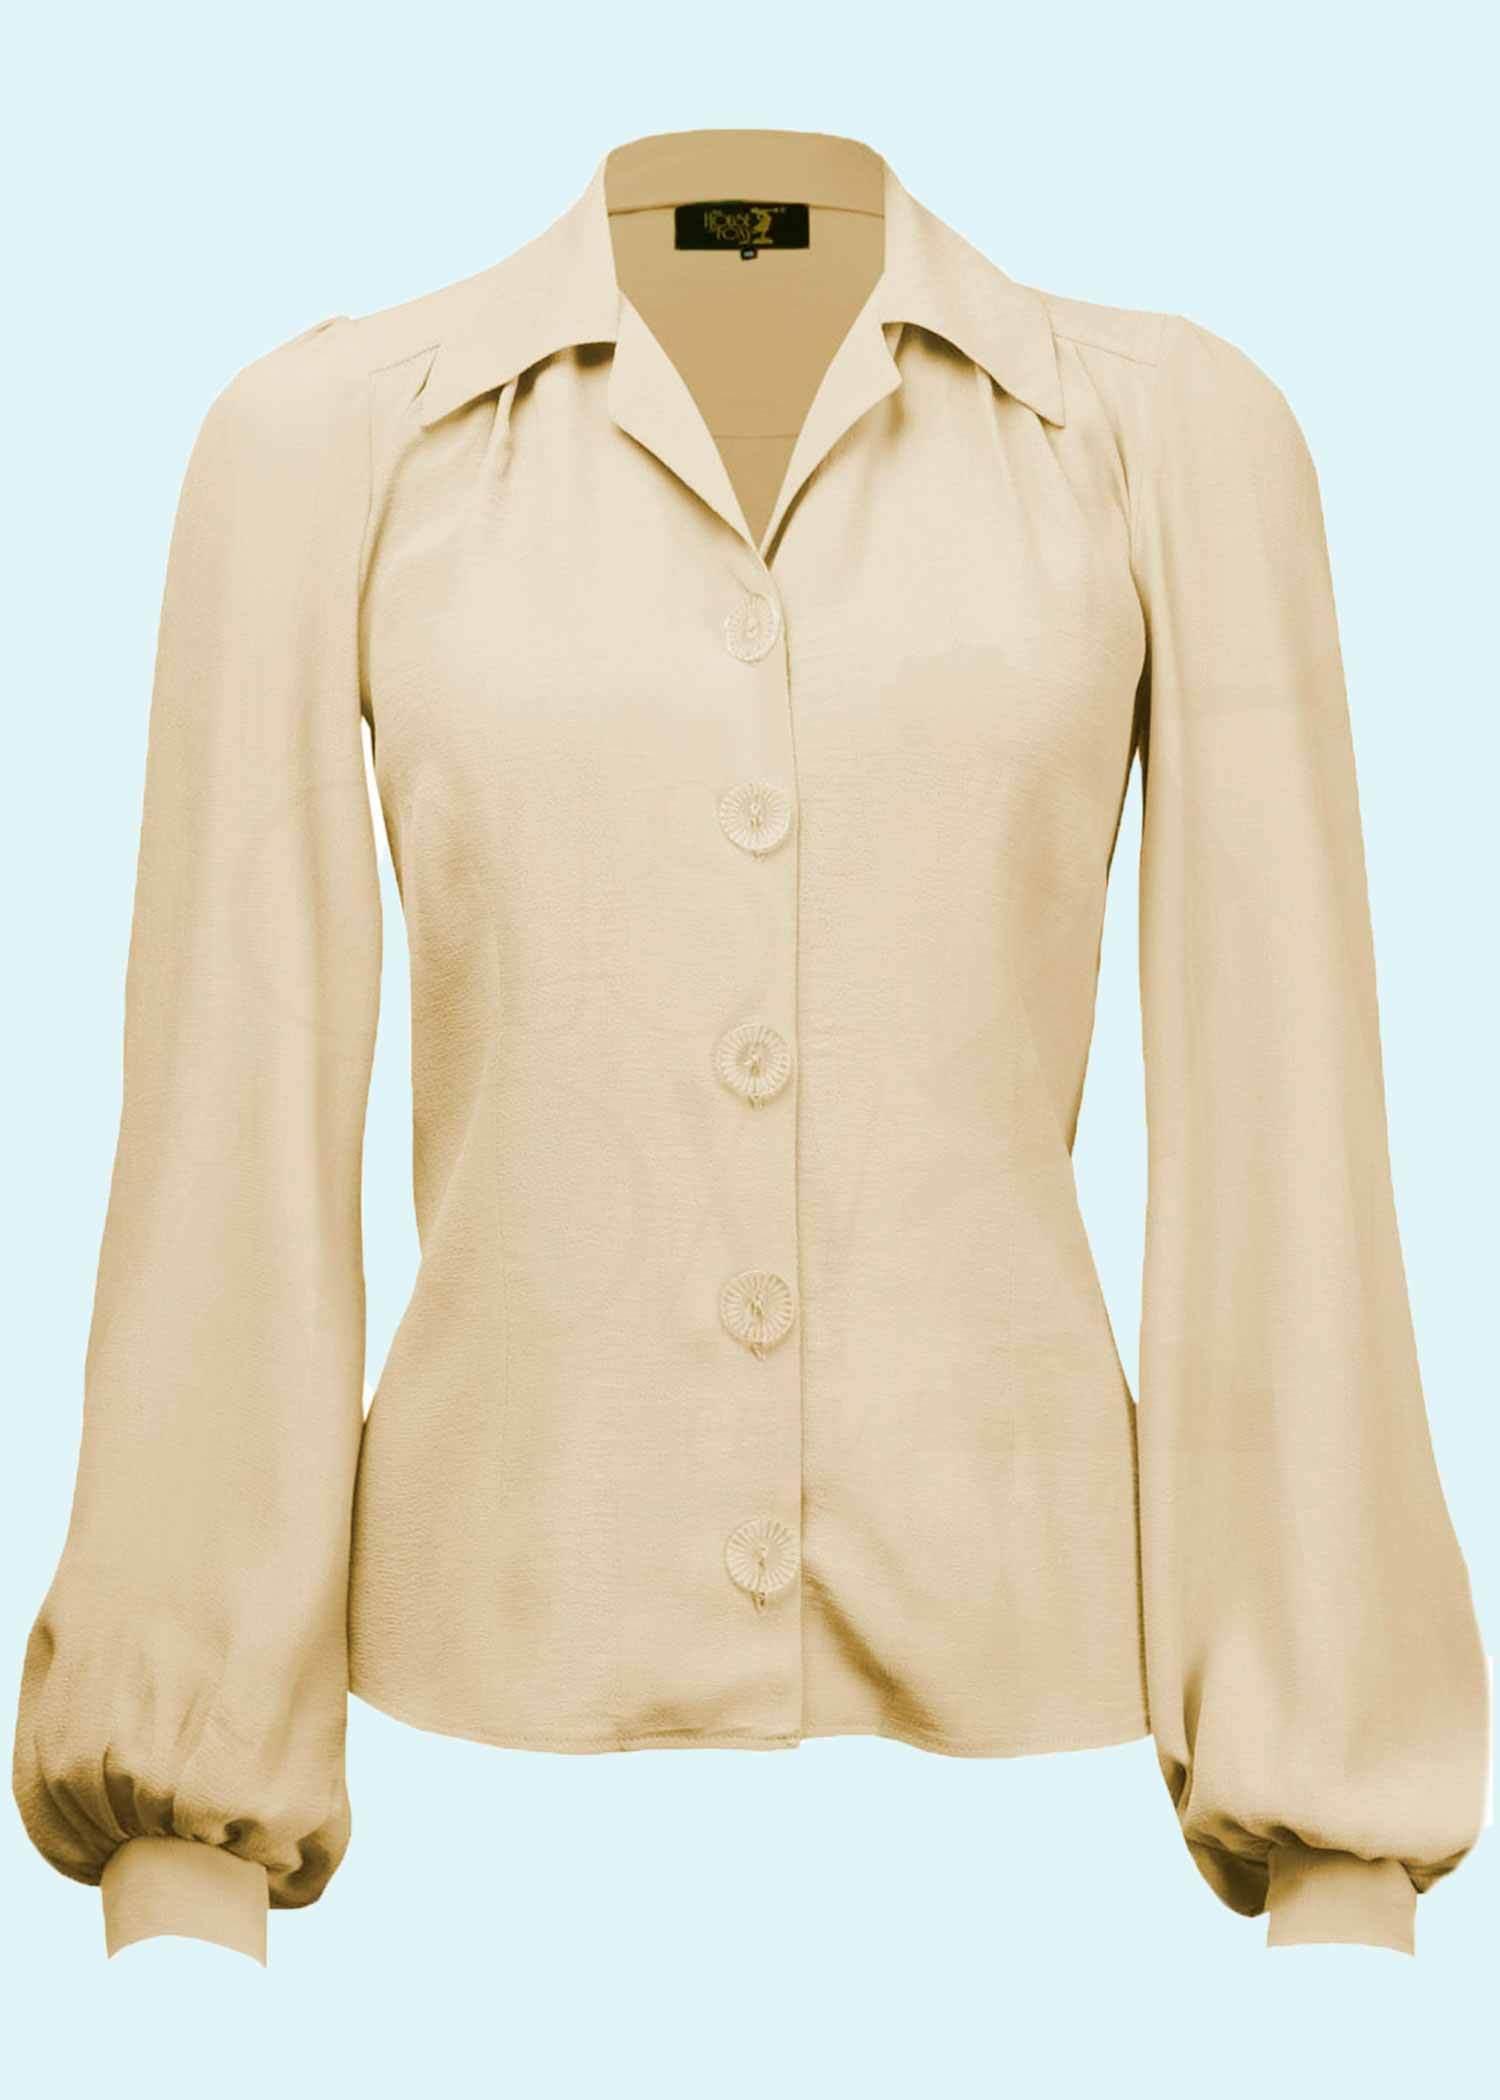 Creme hvid langeærmet skjorte i vintage stil fra The House Of Foxy